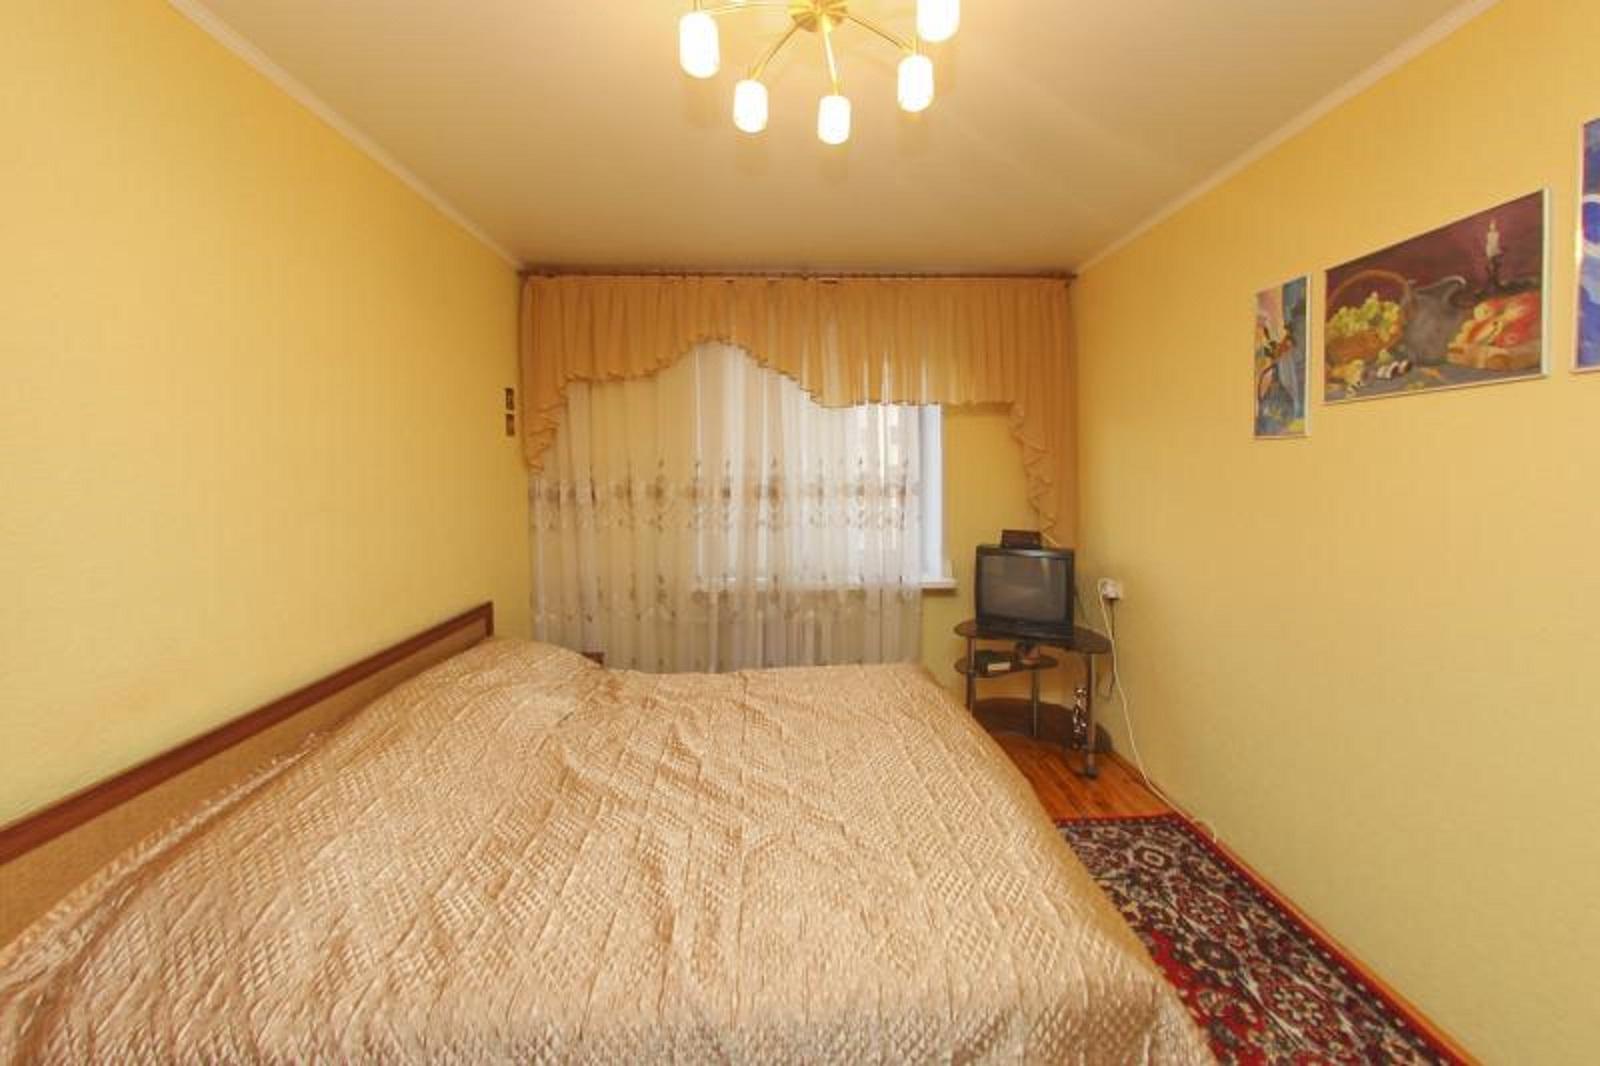 Продам инд по адресу Россия, Тюменская область, Тюмень, Флотская, 54 фото 8 по выгодной цене